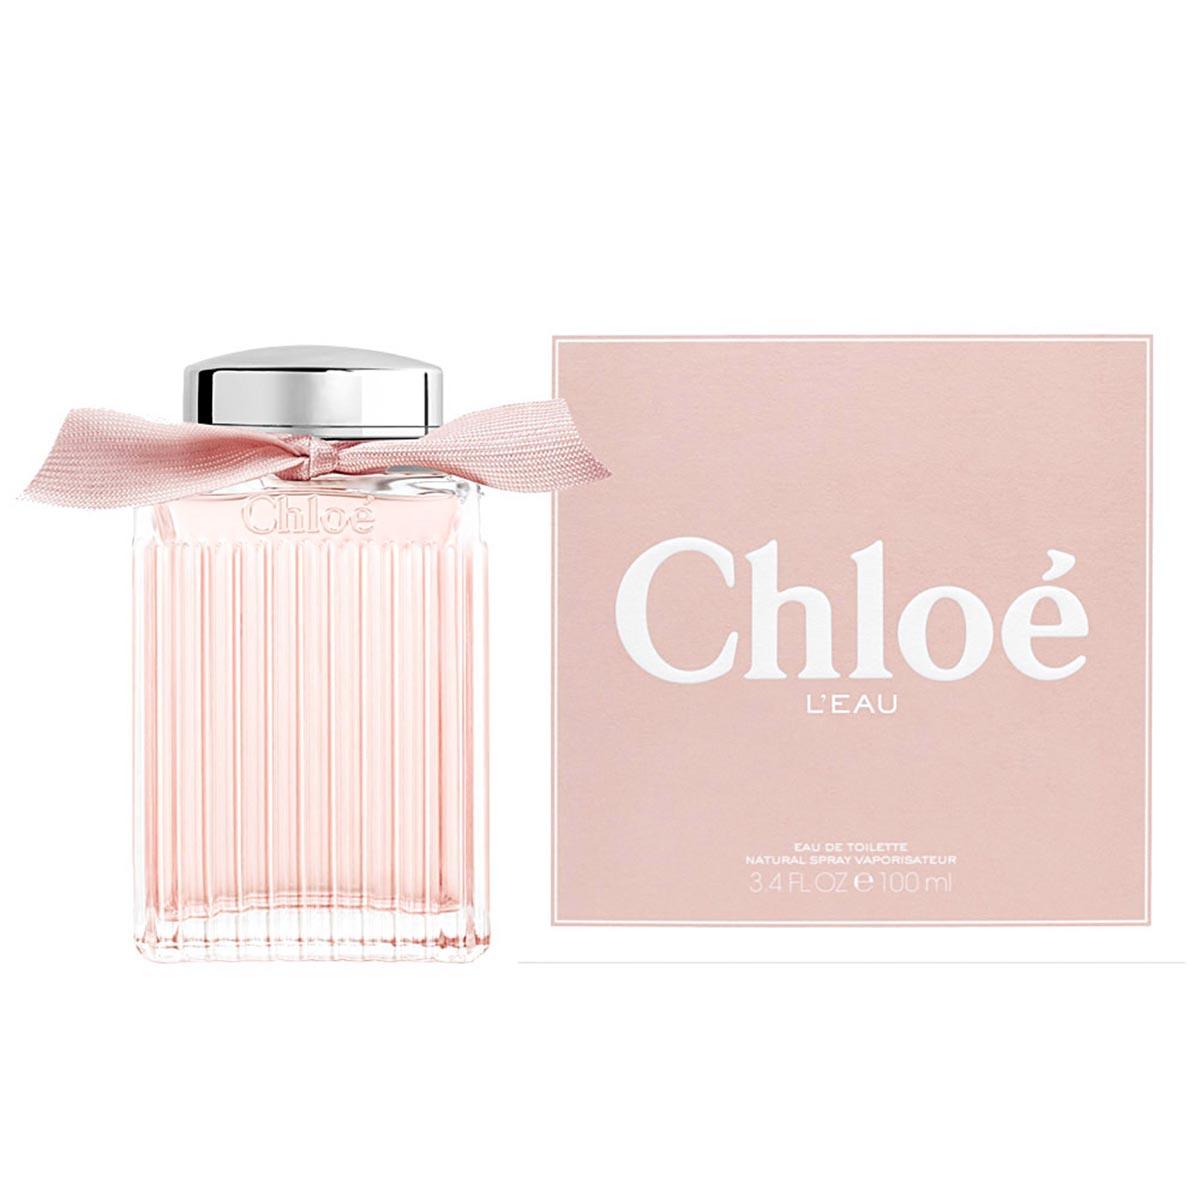 Chloe leau eau de toilette 100ml vaporizador